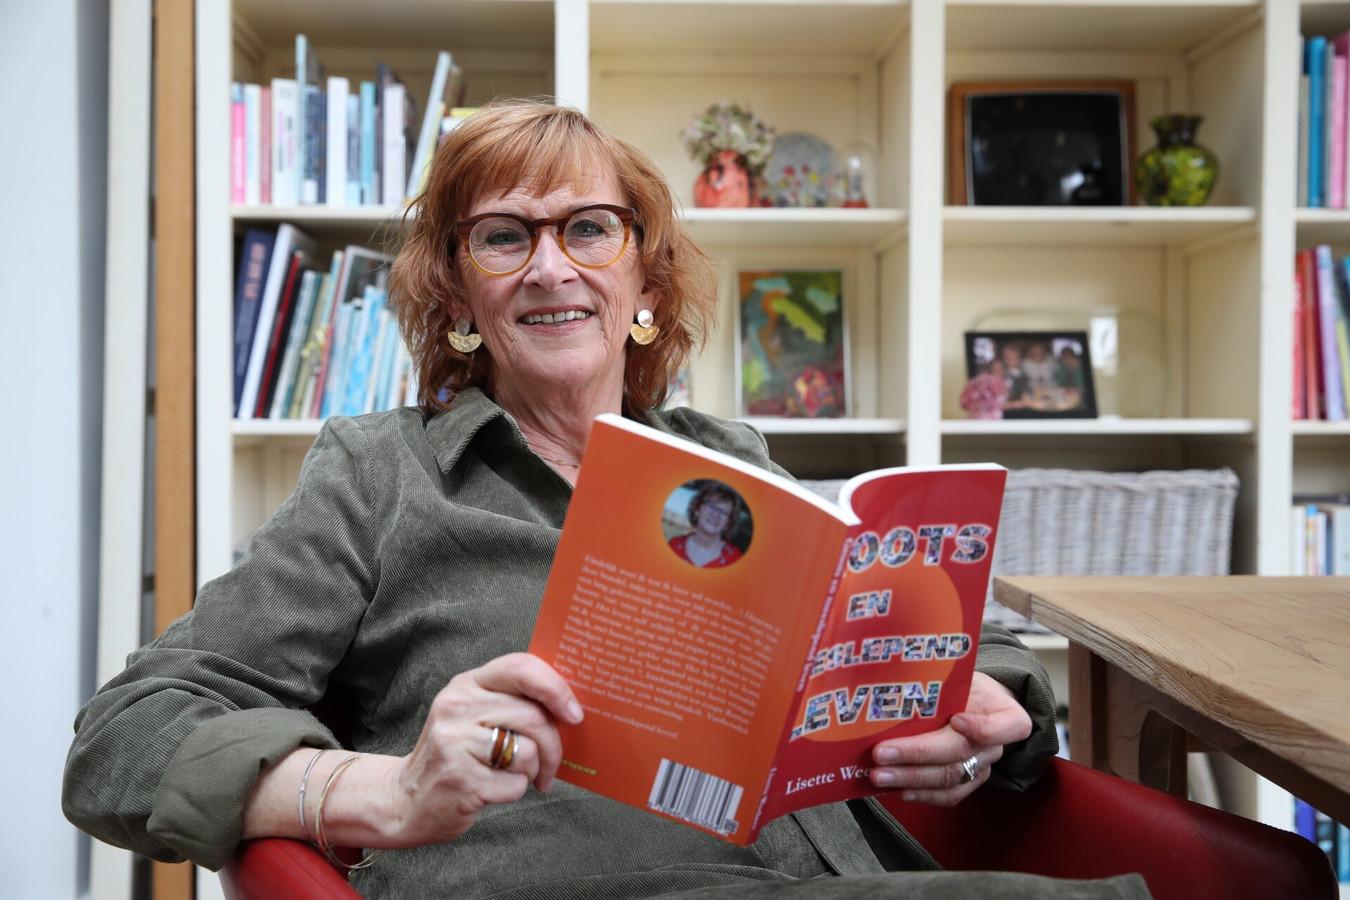 Lisette Weekers uit Eindhoven mag dinsdag haar korte verhaal over koningsdag voordragen aan het koninklijk gezin.